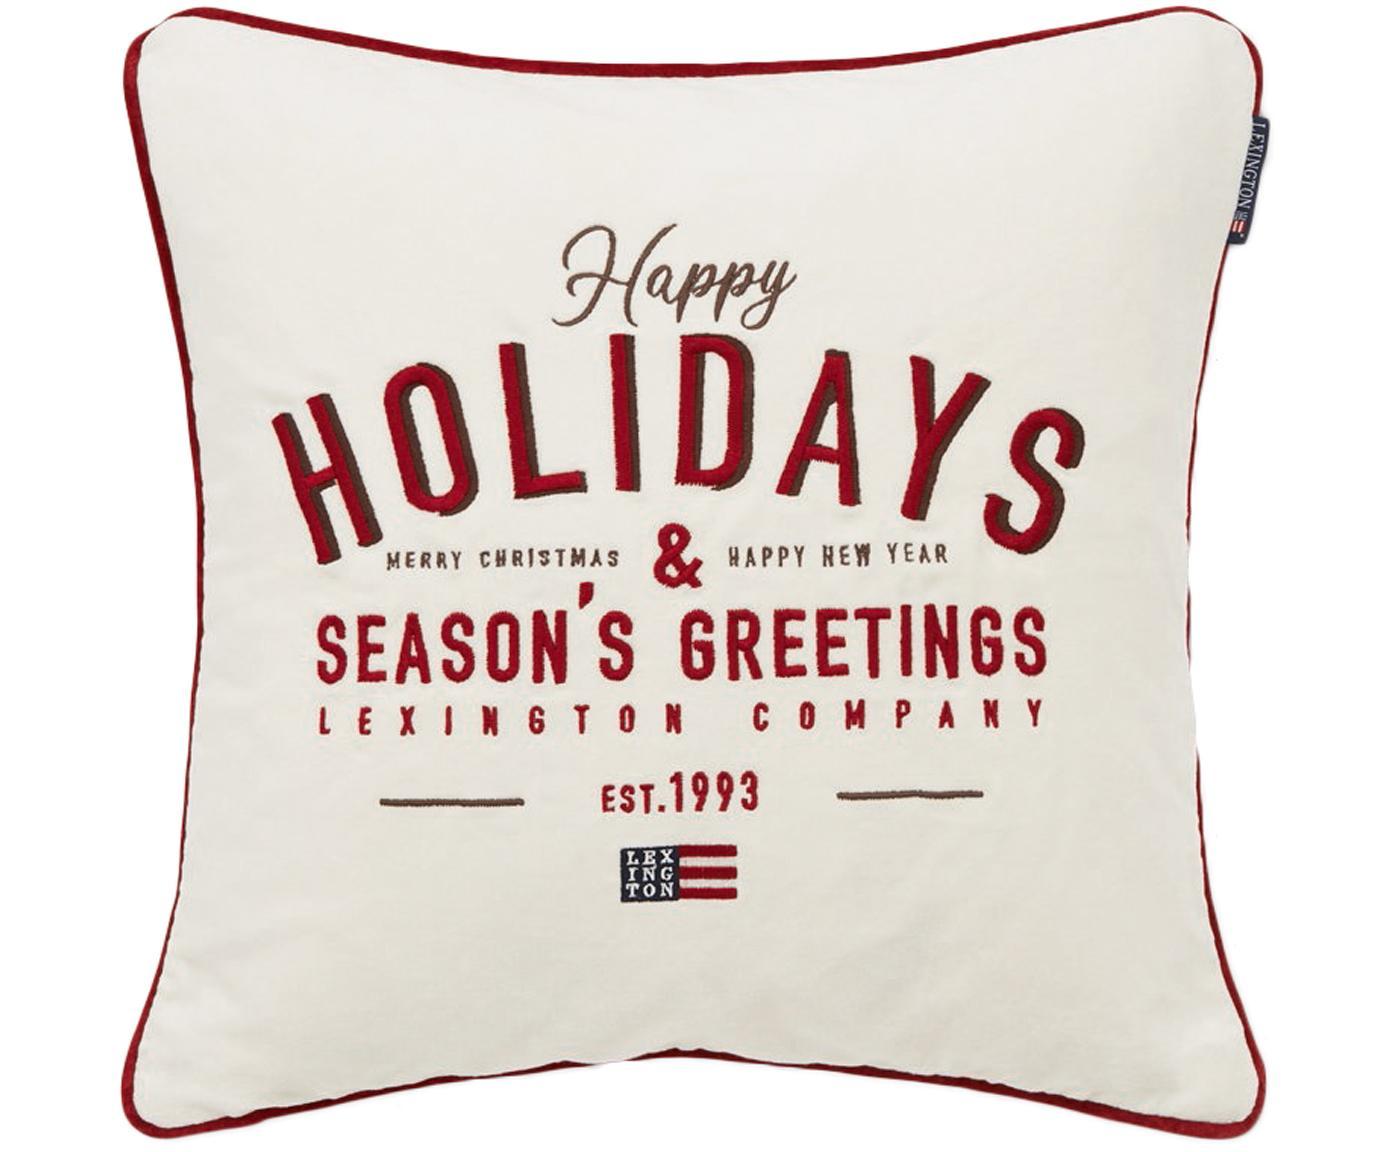 Bestickte Samt-Kissenhülle Happy Holidays, Baumwollsamt, Weiß, Rot, 50 x 50 cm